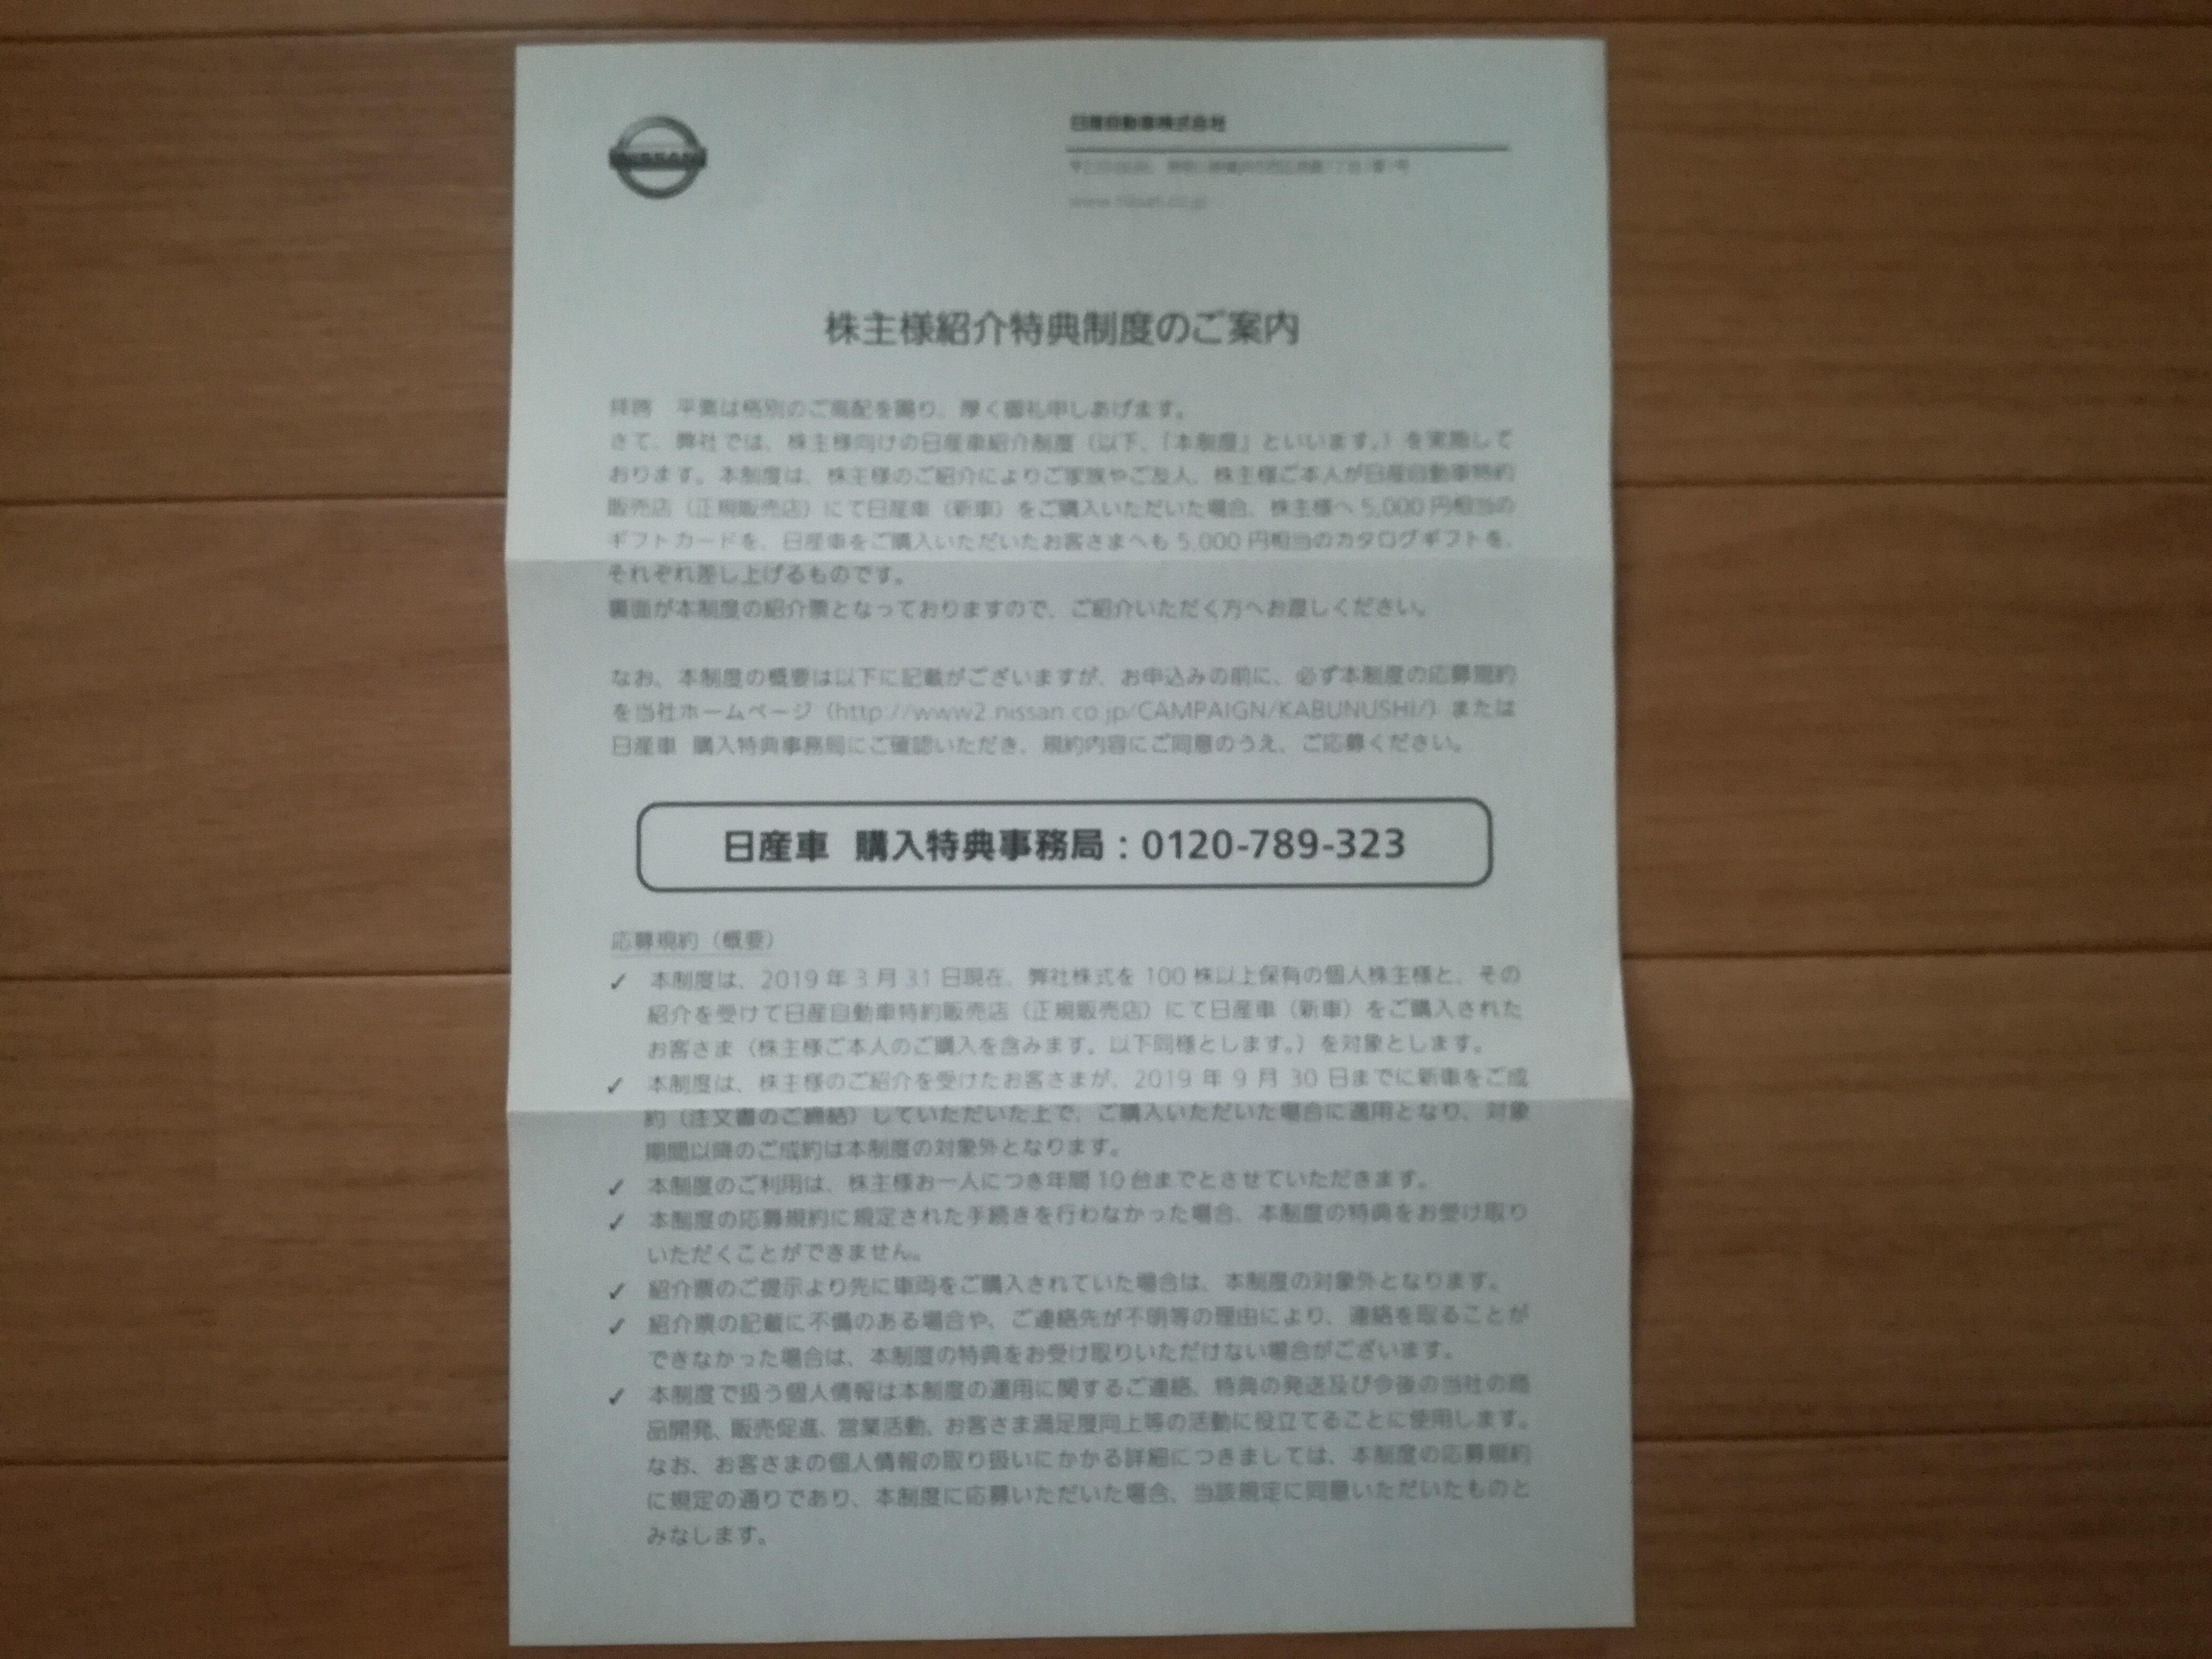 含み損19万円超で今期減配の日産自動車(7201)から配当金と株主優待案内が到着!